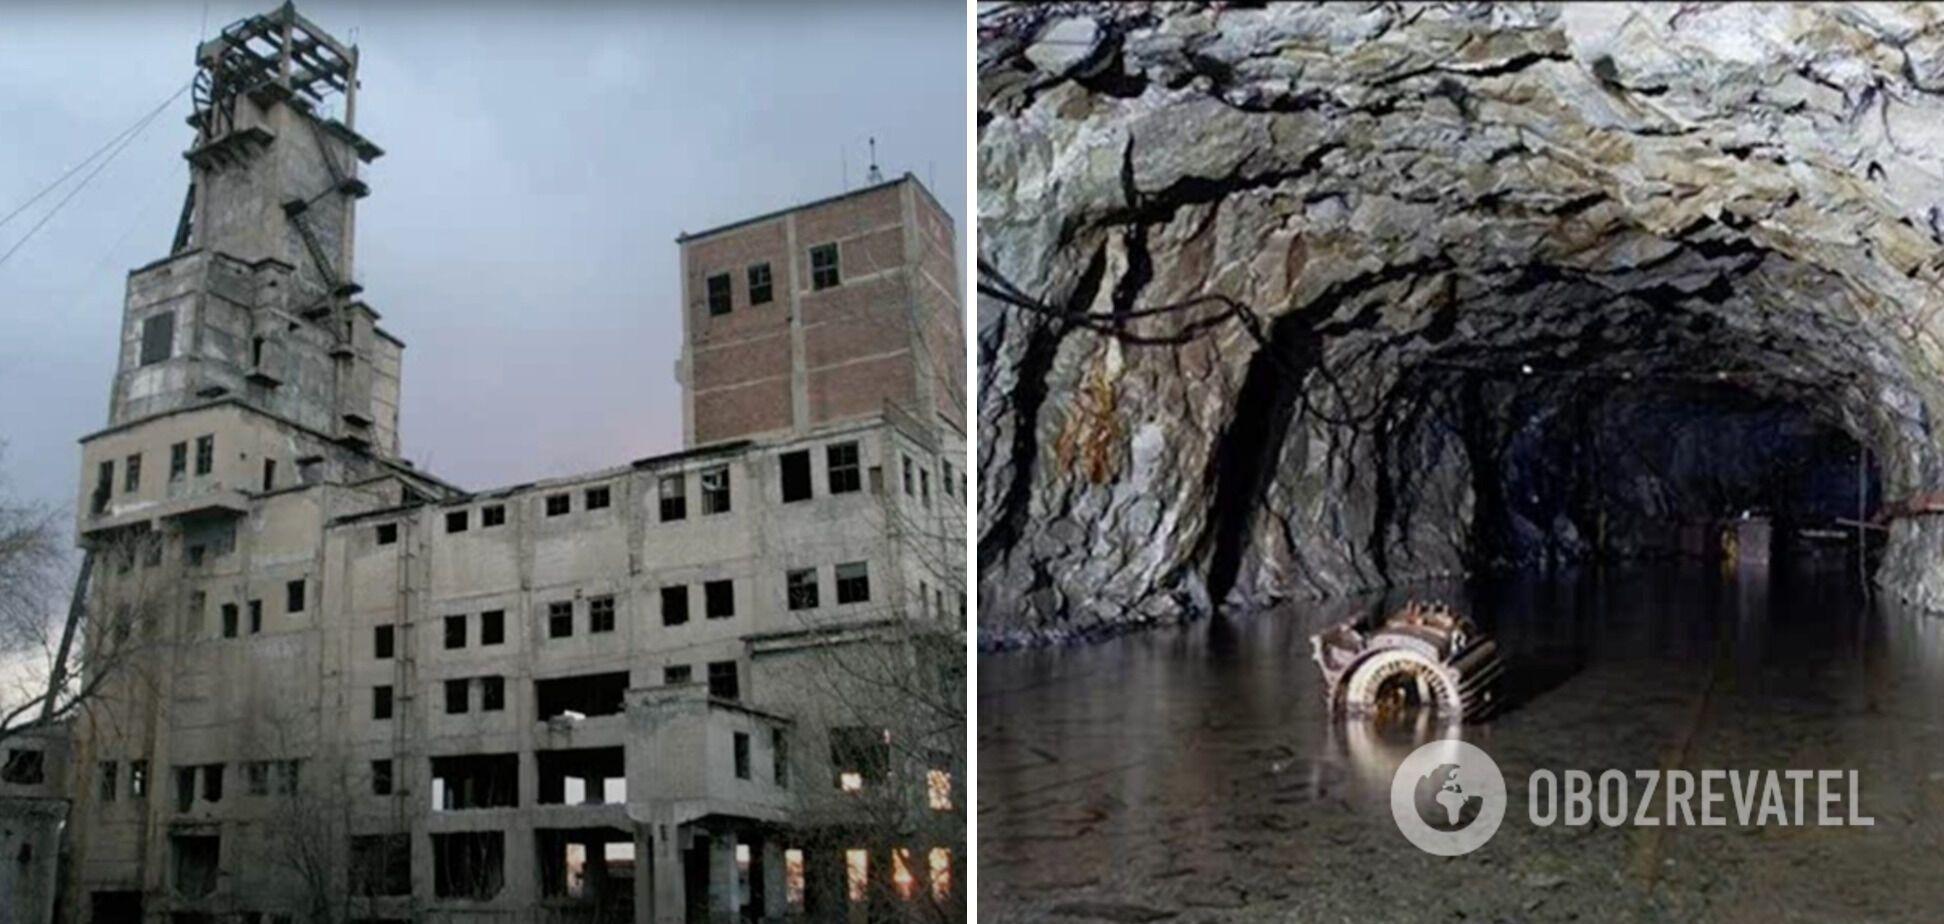 """В 1979 году советская власть провела ядерный взрыв на территории шахты """"Юнком"""". Из нее откачивали воду в целях безопасности, но в 2018-м оккупанты перестали это делать"""